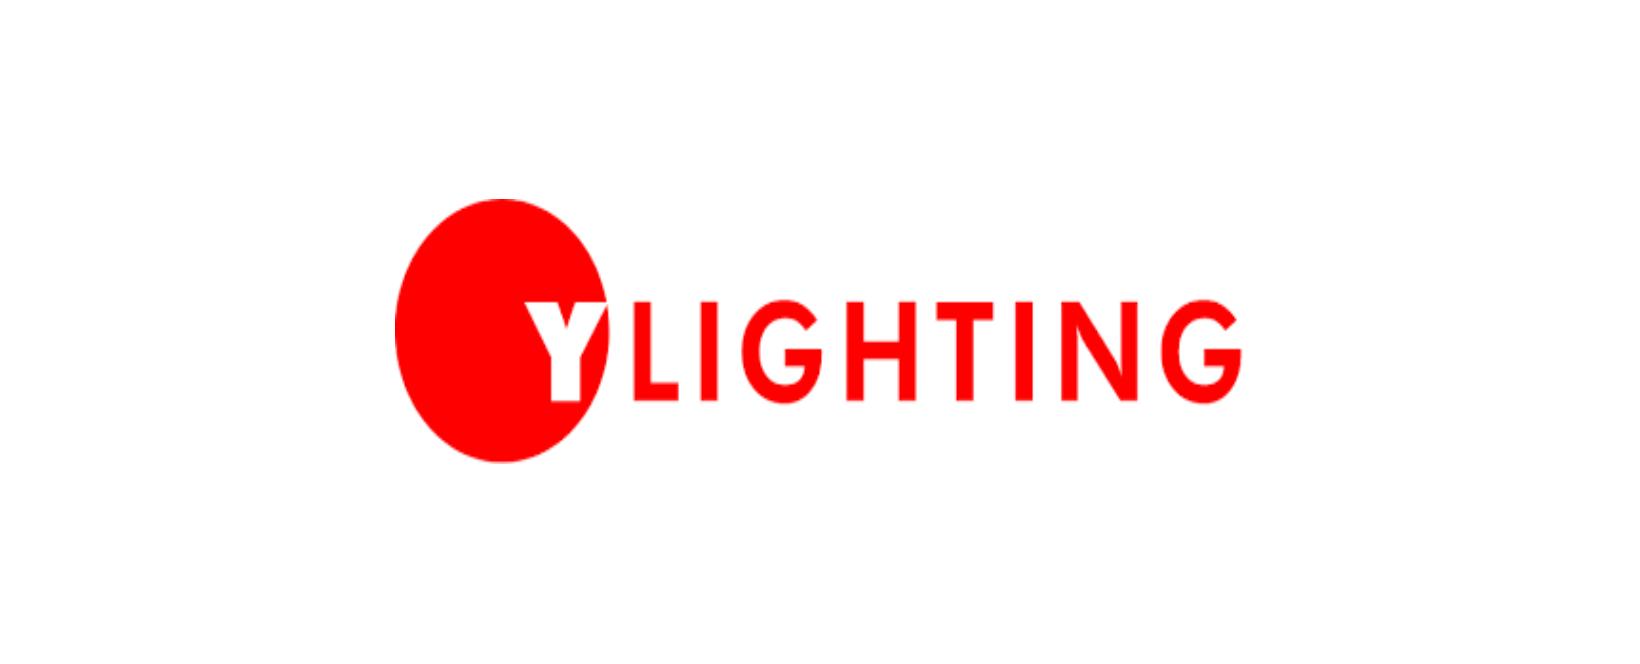 Y-Lighting Discount Code 2021